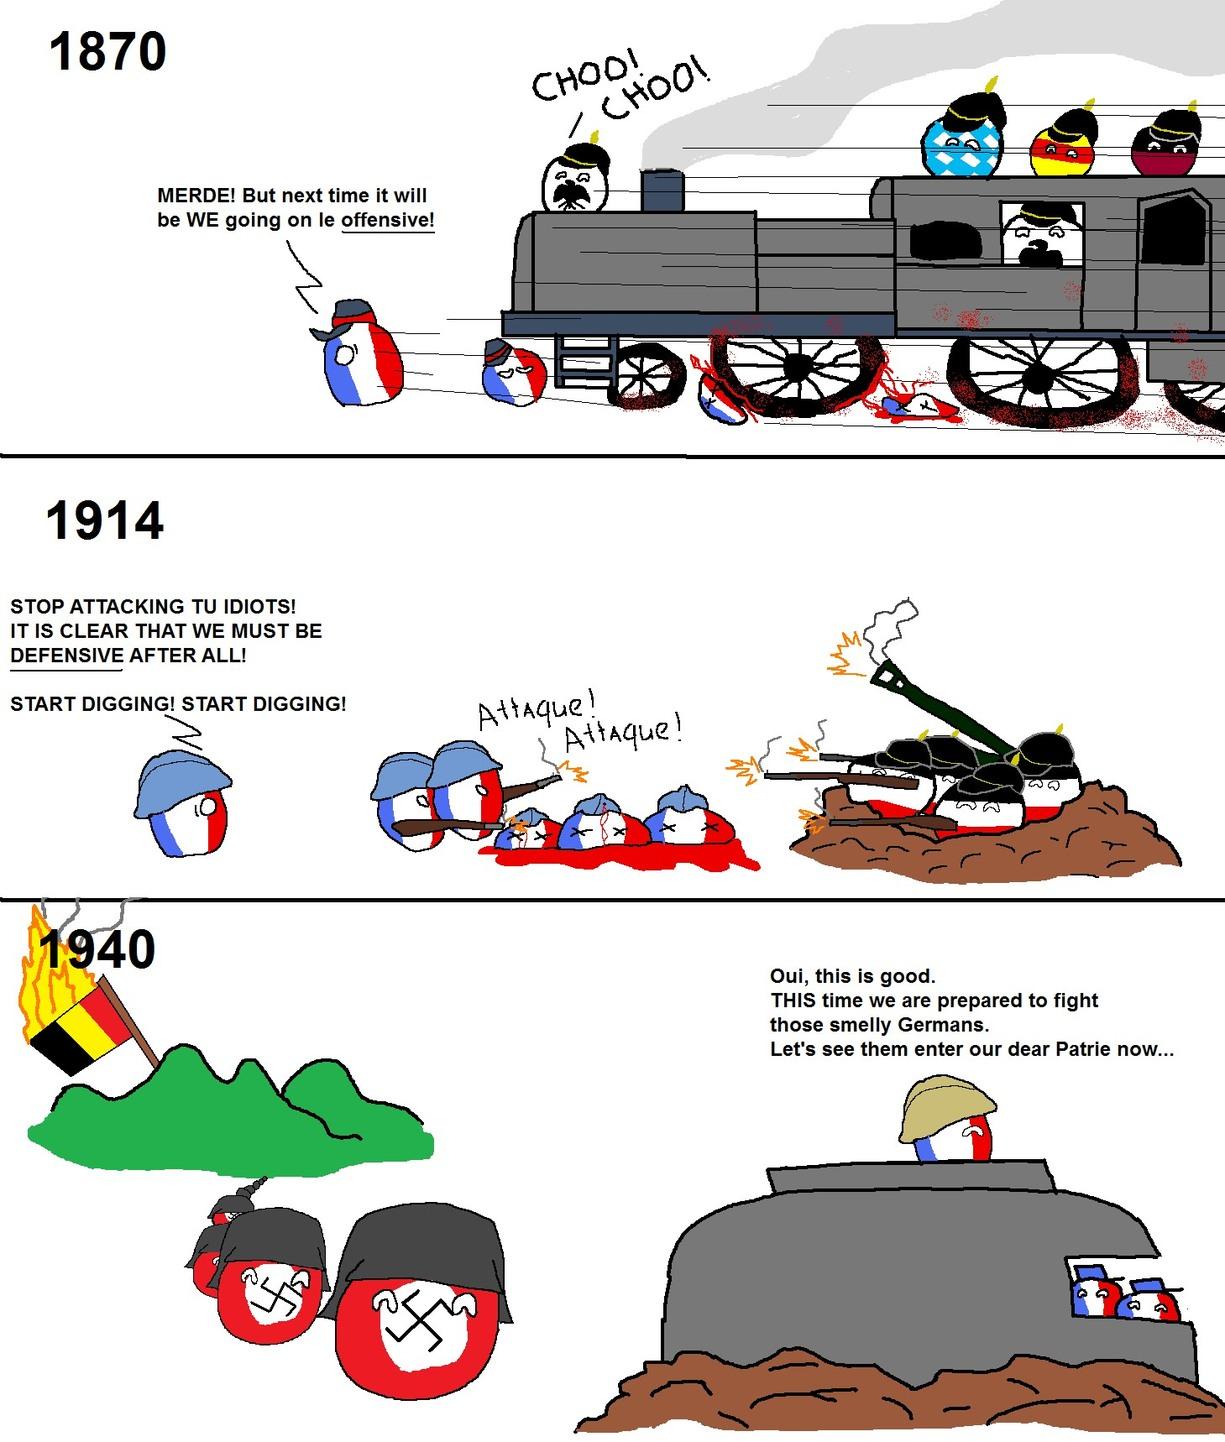 França is dead - meme